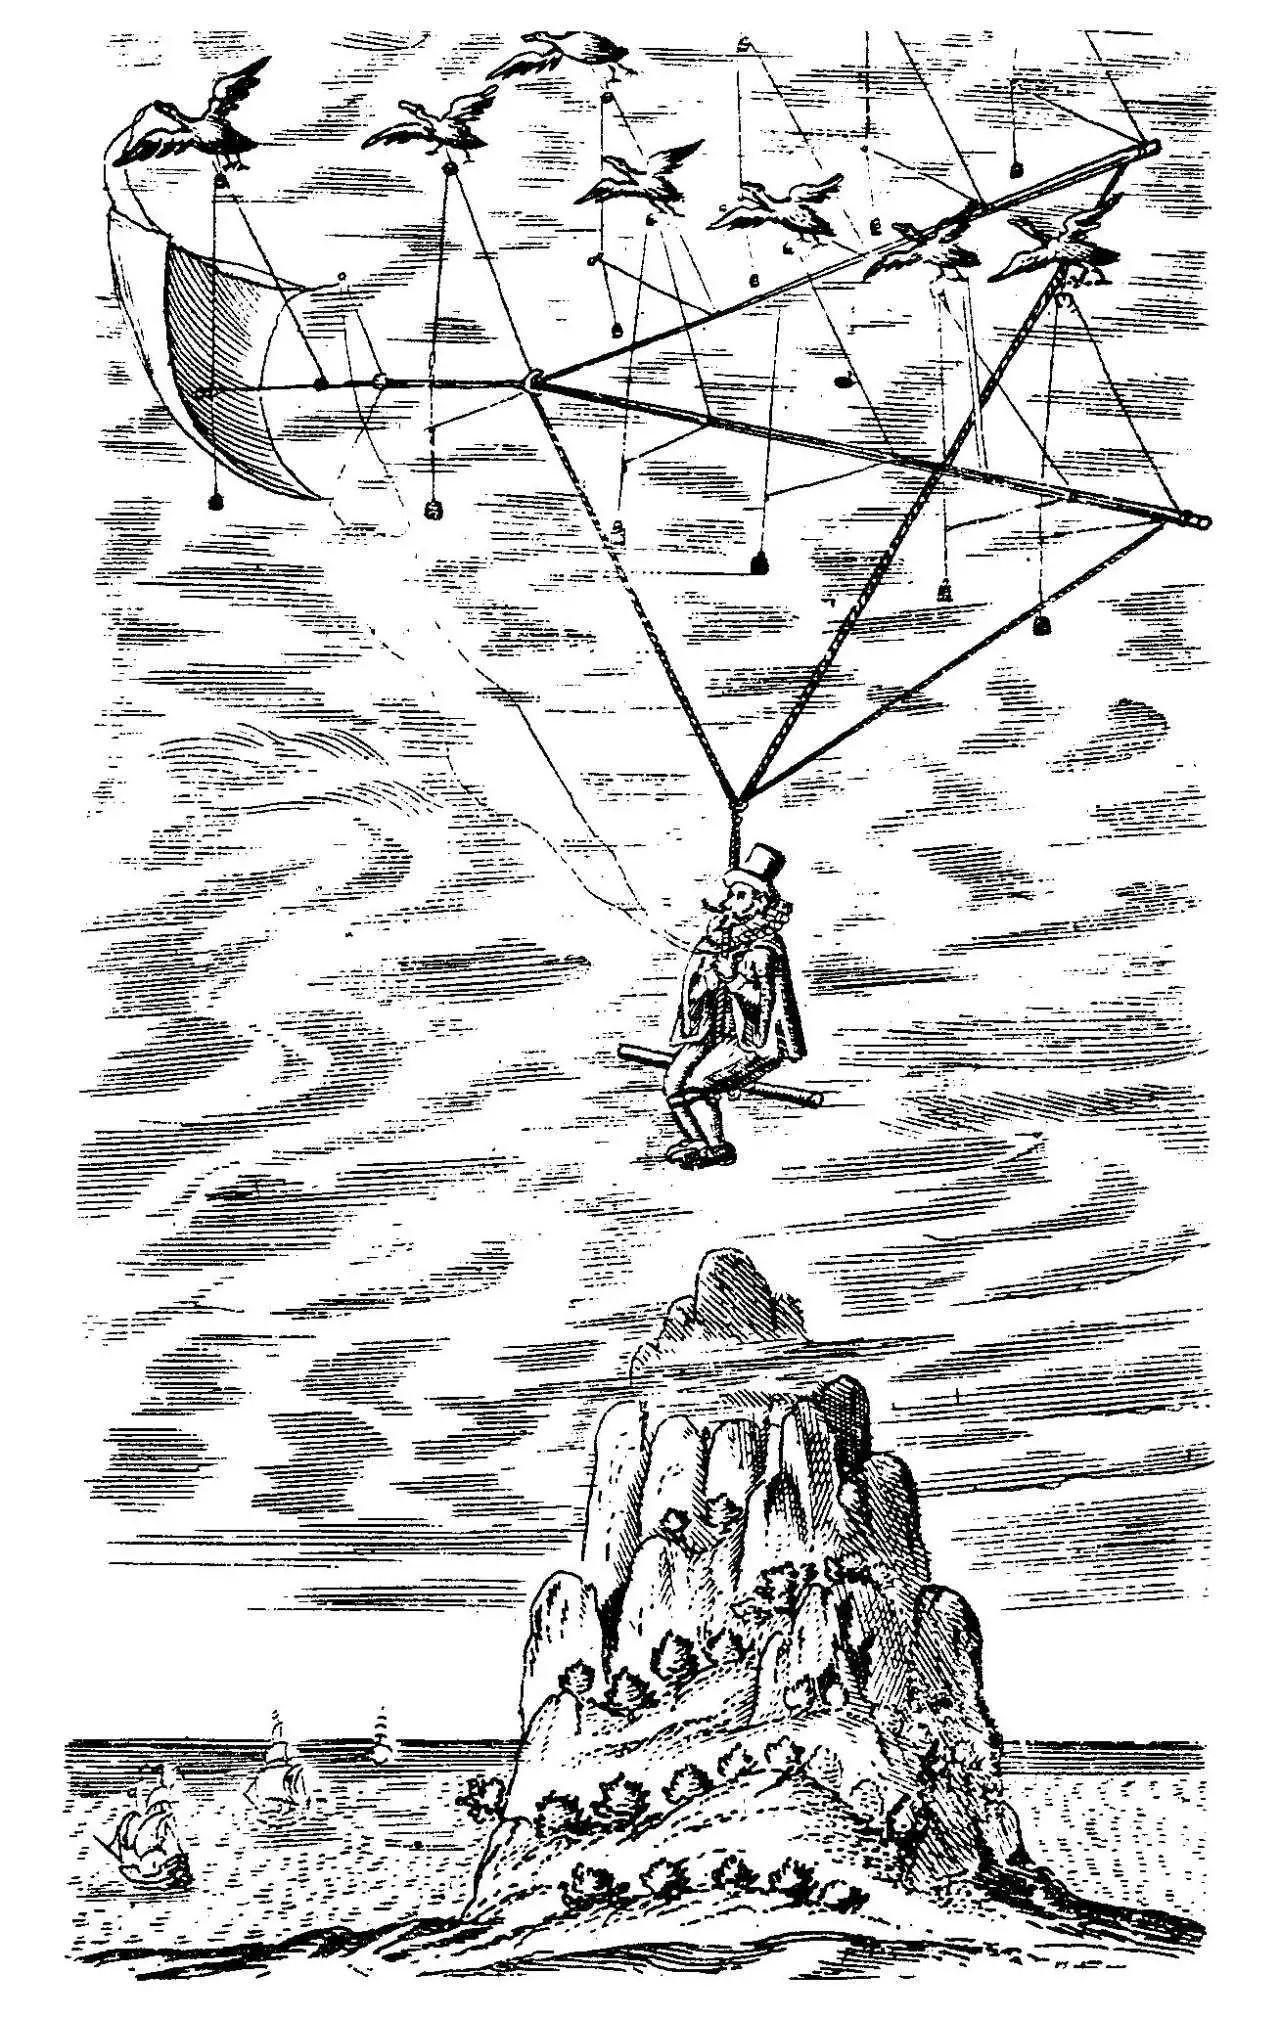 作家笔下的月球世界_最早用英文书写的月球旅行故事